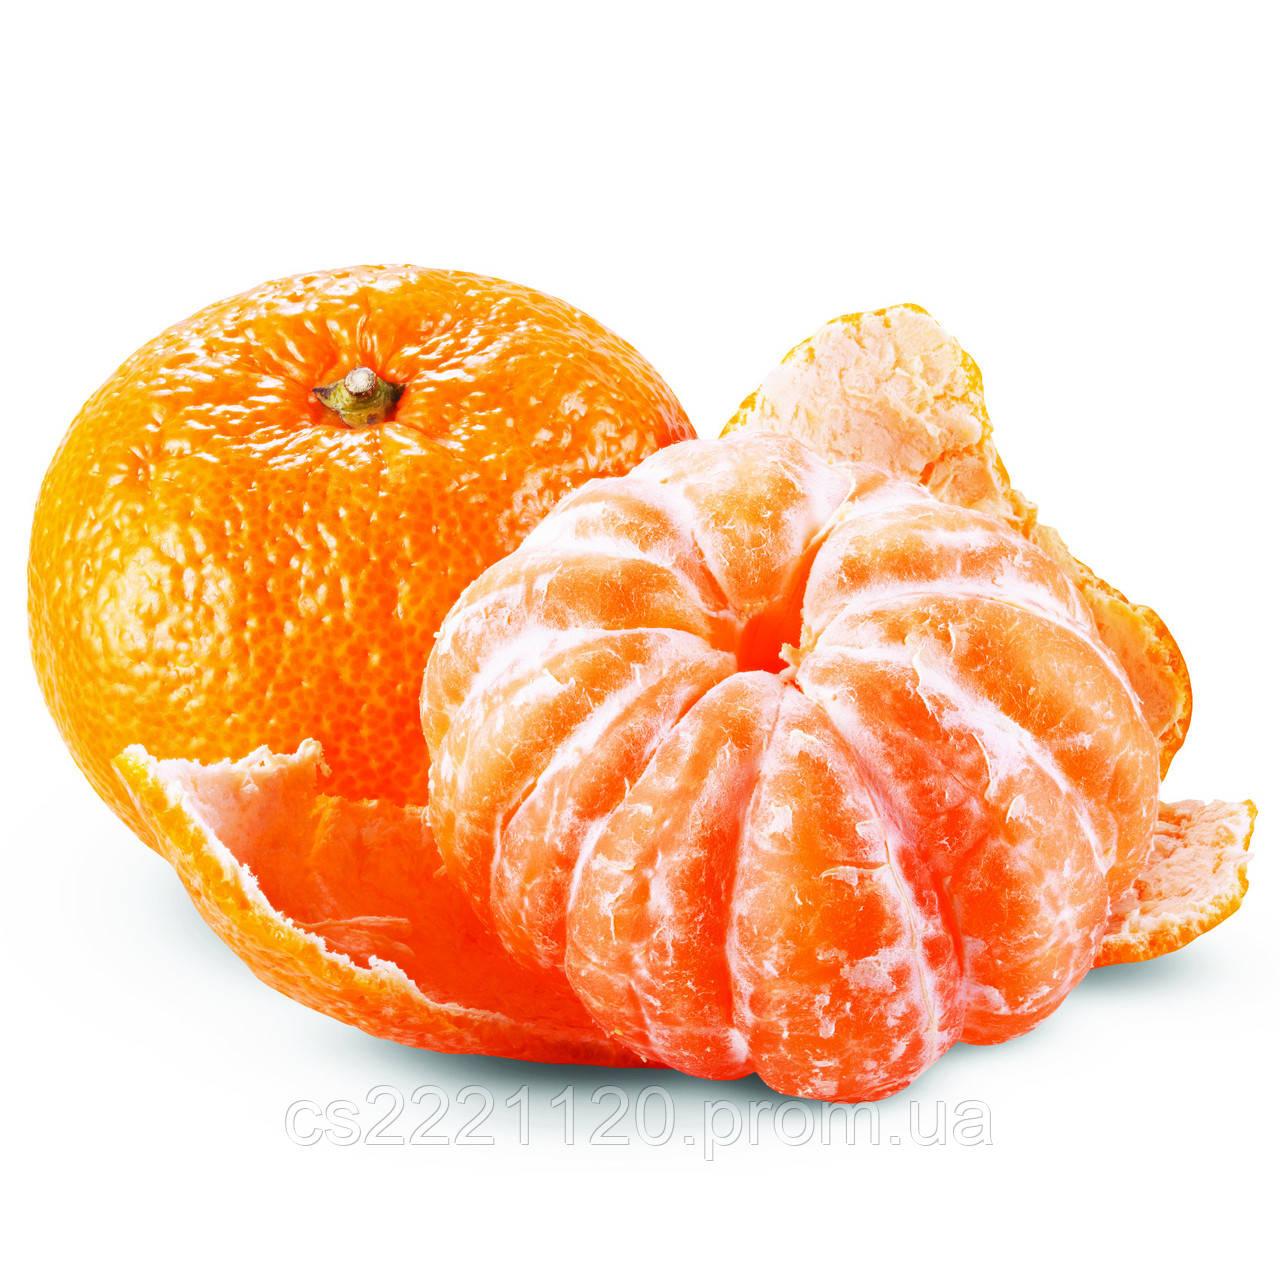 Ароматизатор TPA Orange Mandarin (Оранжевый мандарин) 5мл.